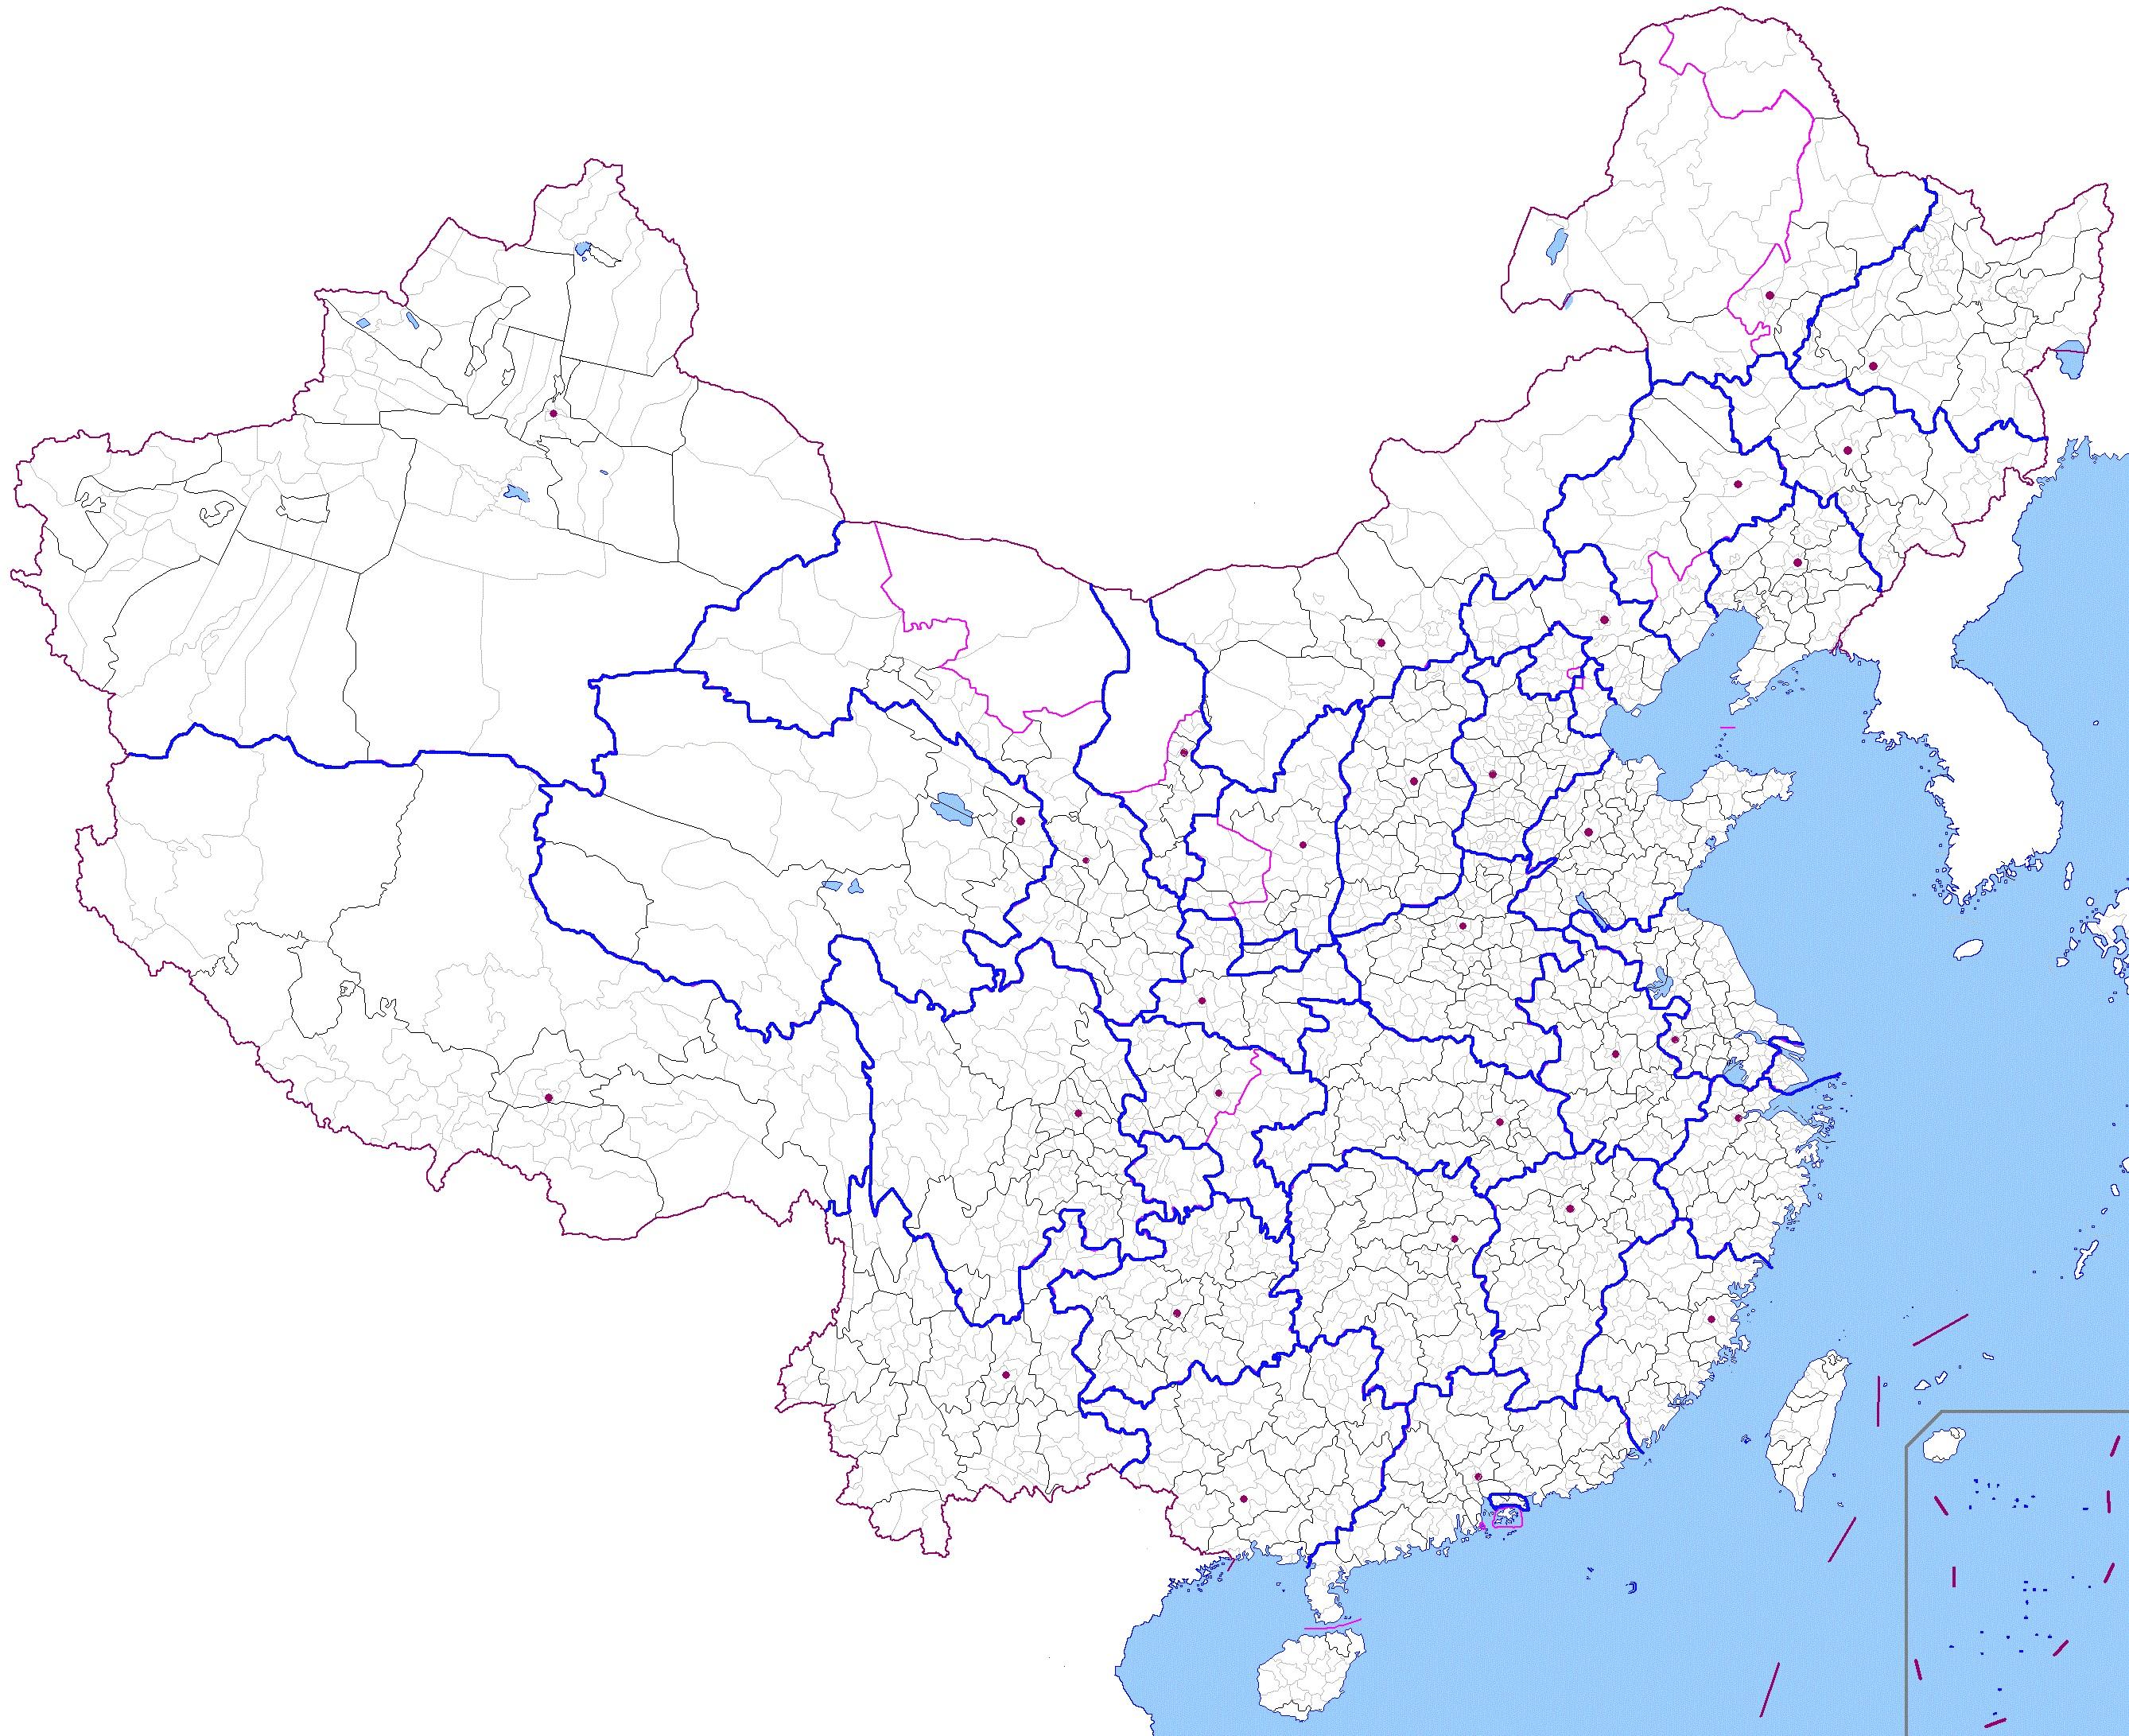 大连行政区域划分地图-中国行政区划改革图图片